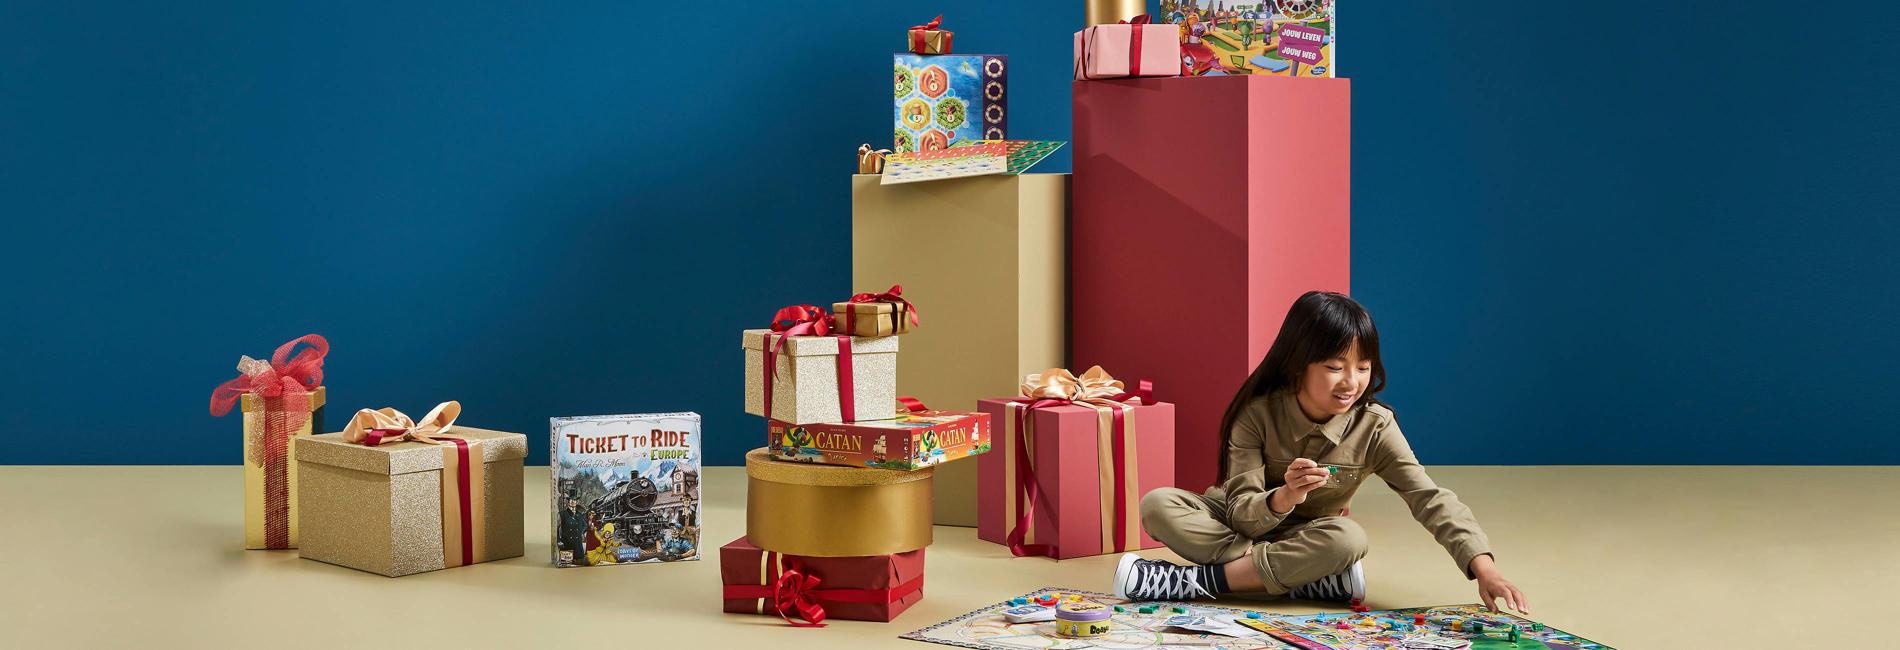 sinterklaas cadeaus 8 tot 10 jaar